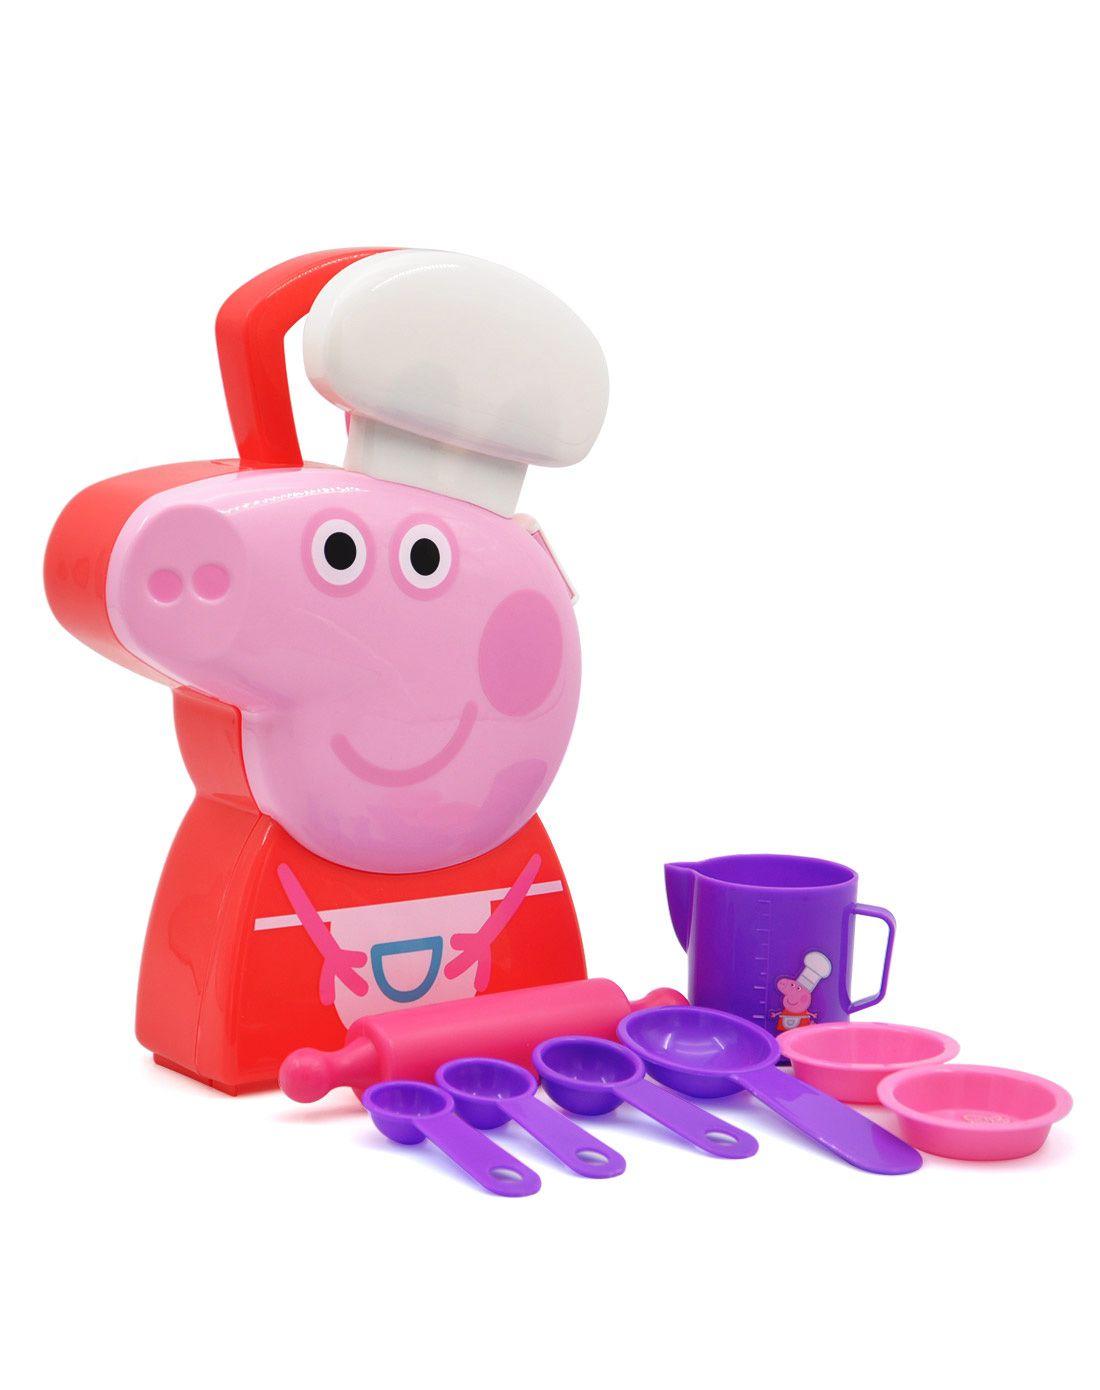 旗舰店--小猪佩奇卡通玩具角色扮演系列玩具厨师手提